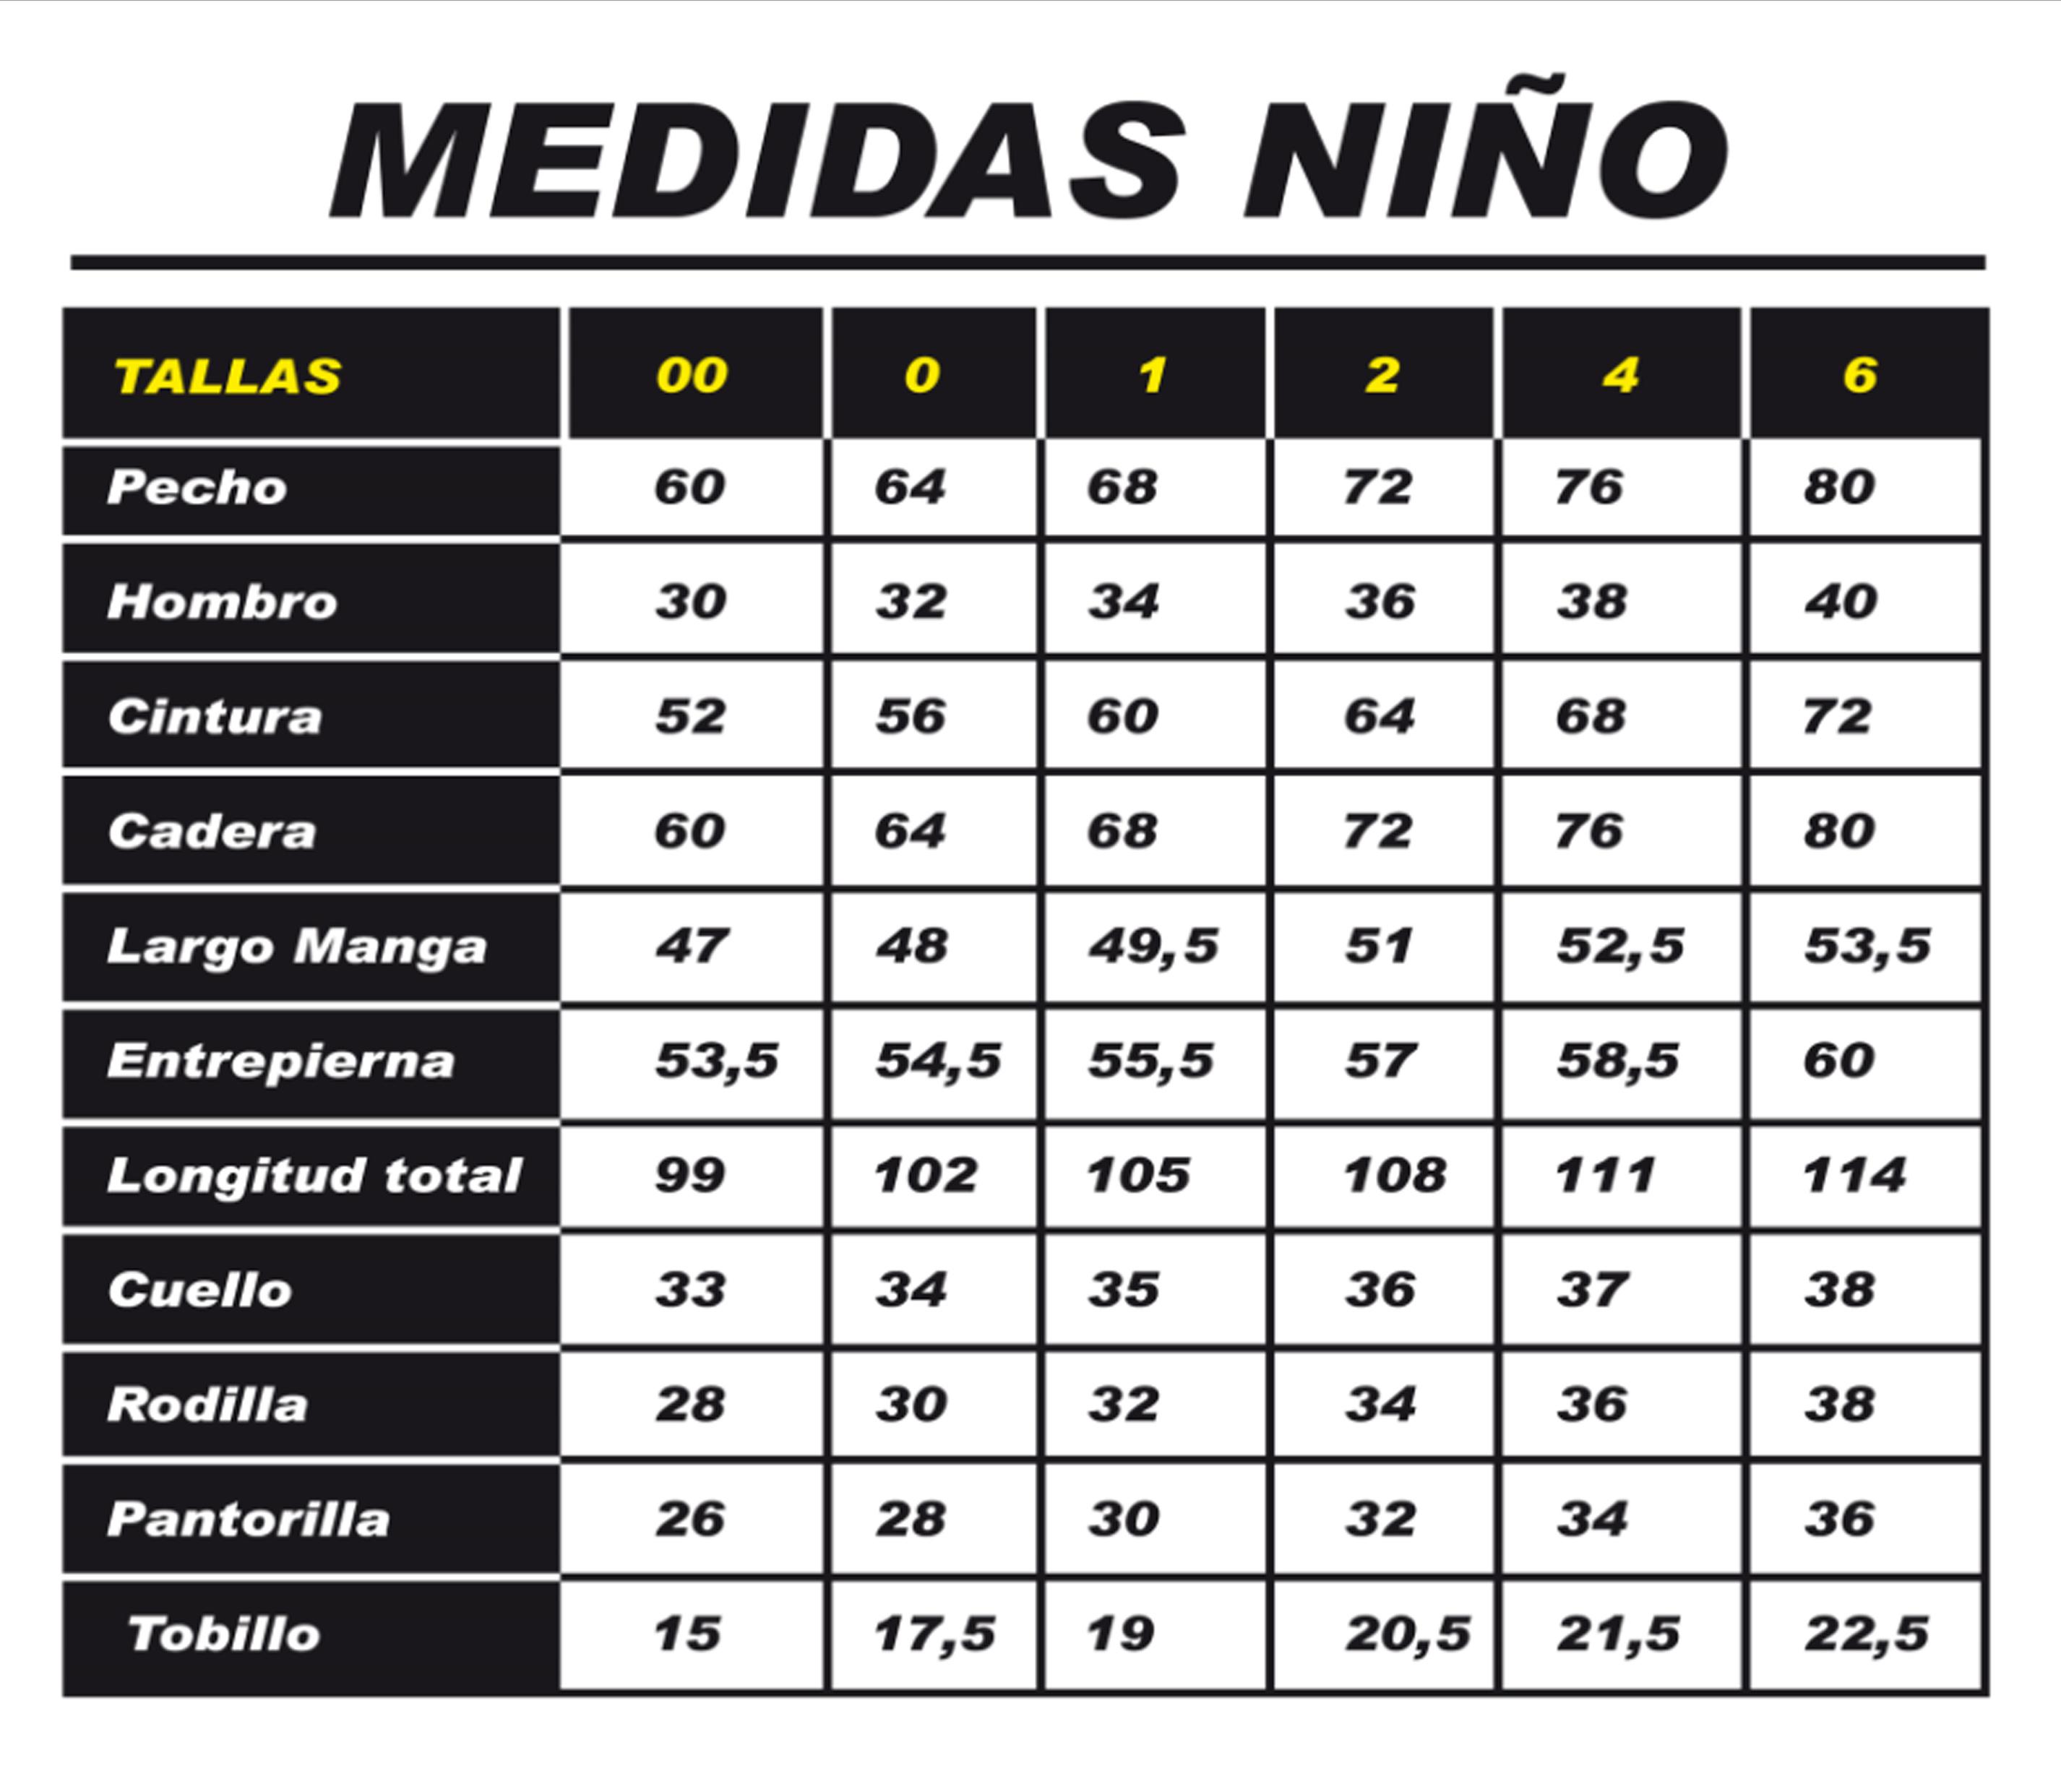 MEDIDAS20NIÑO-1.jpg